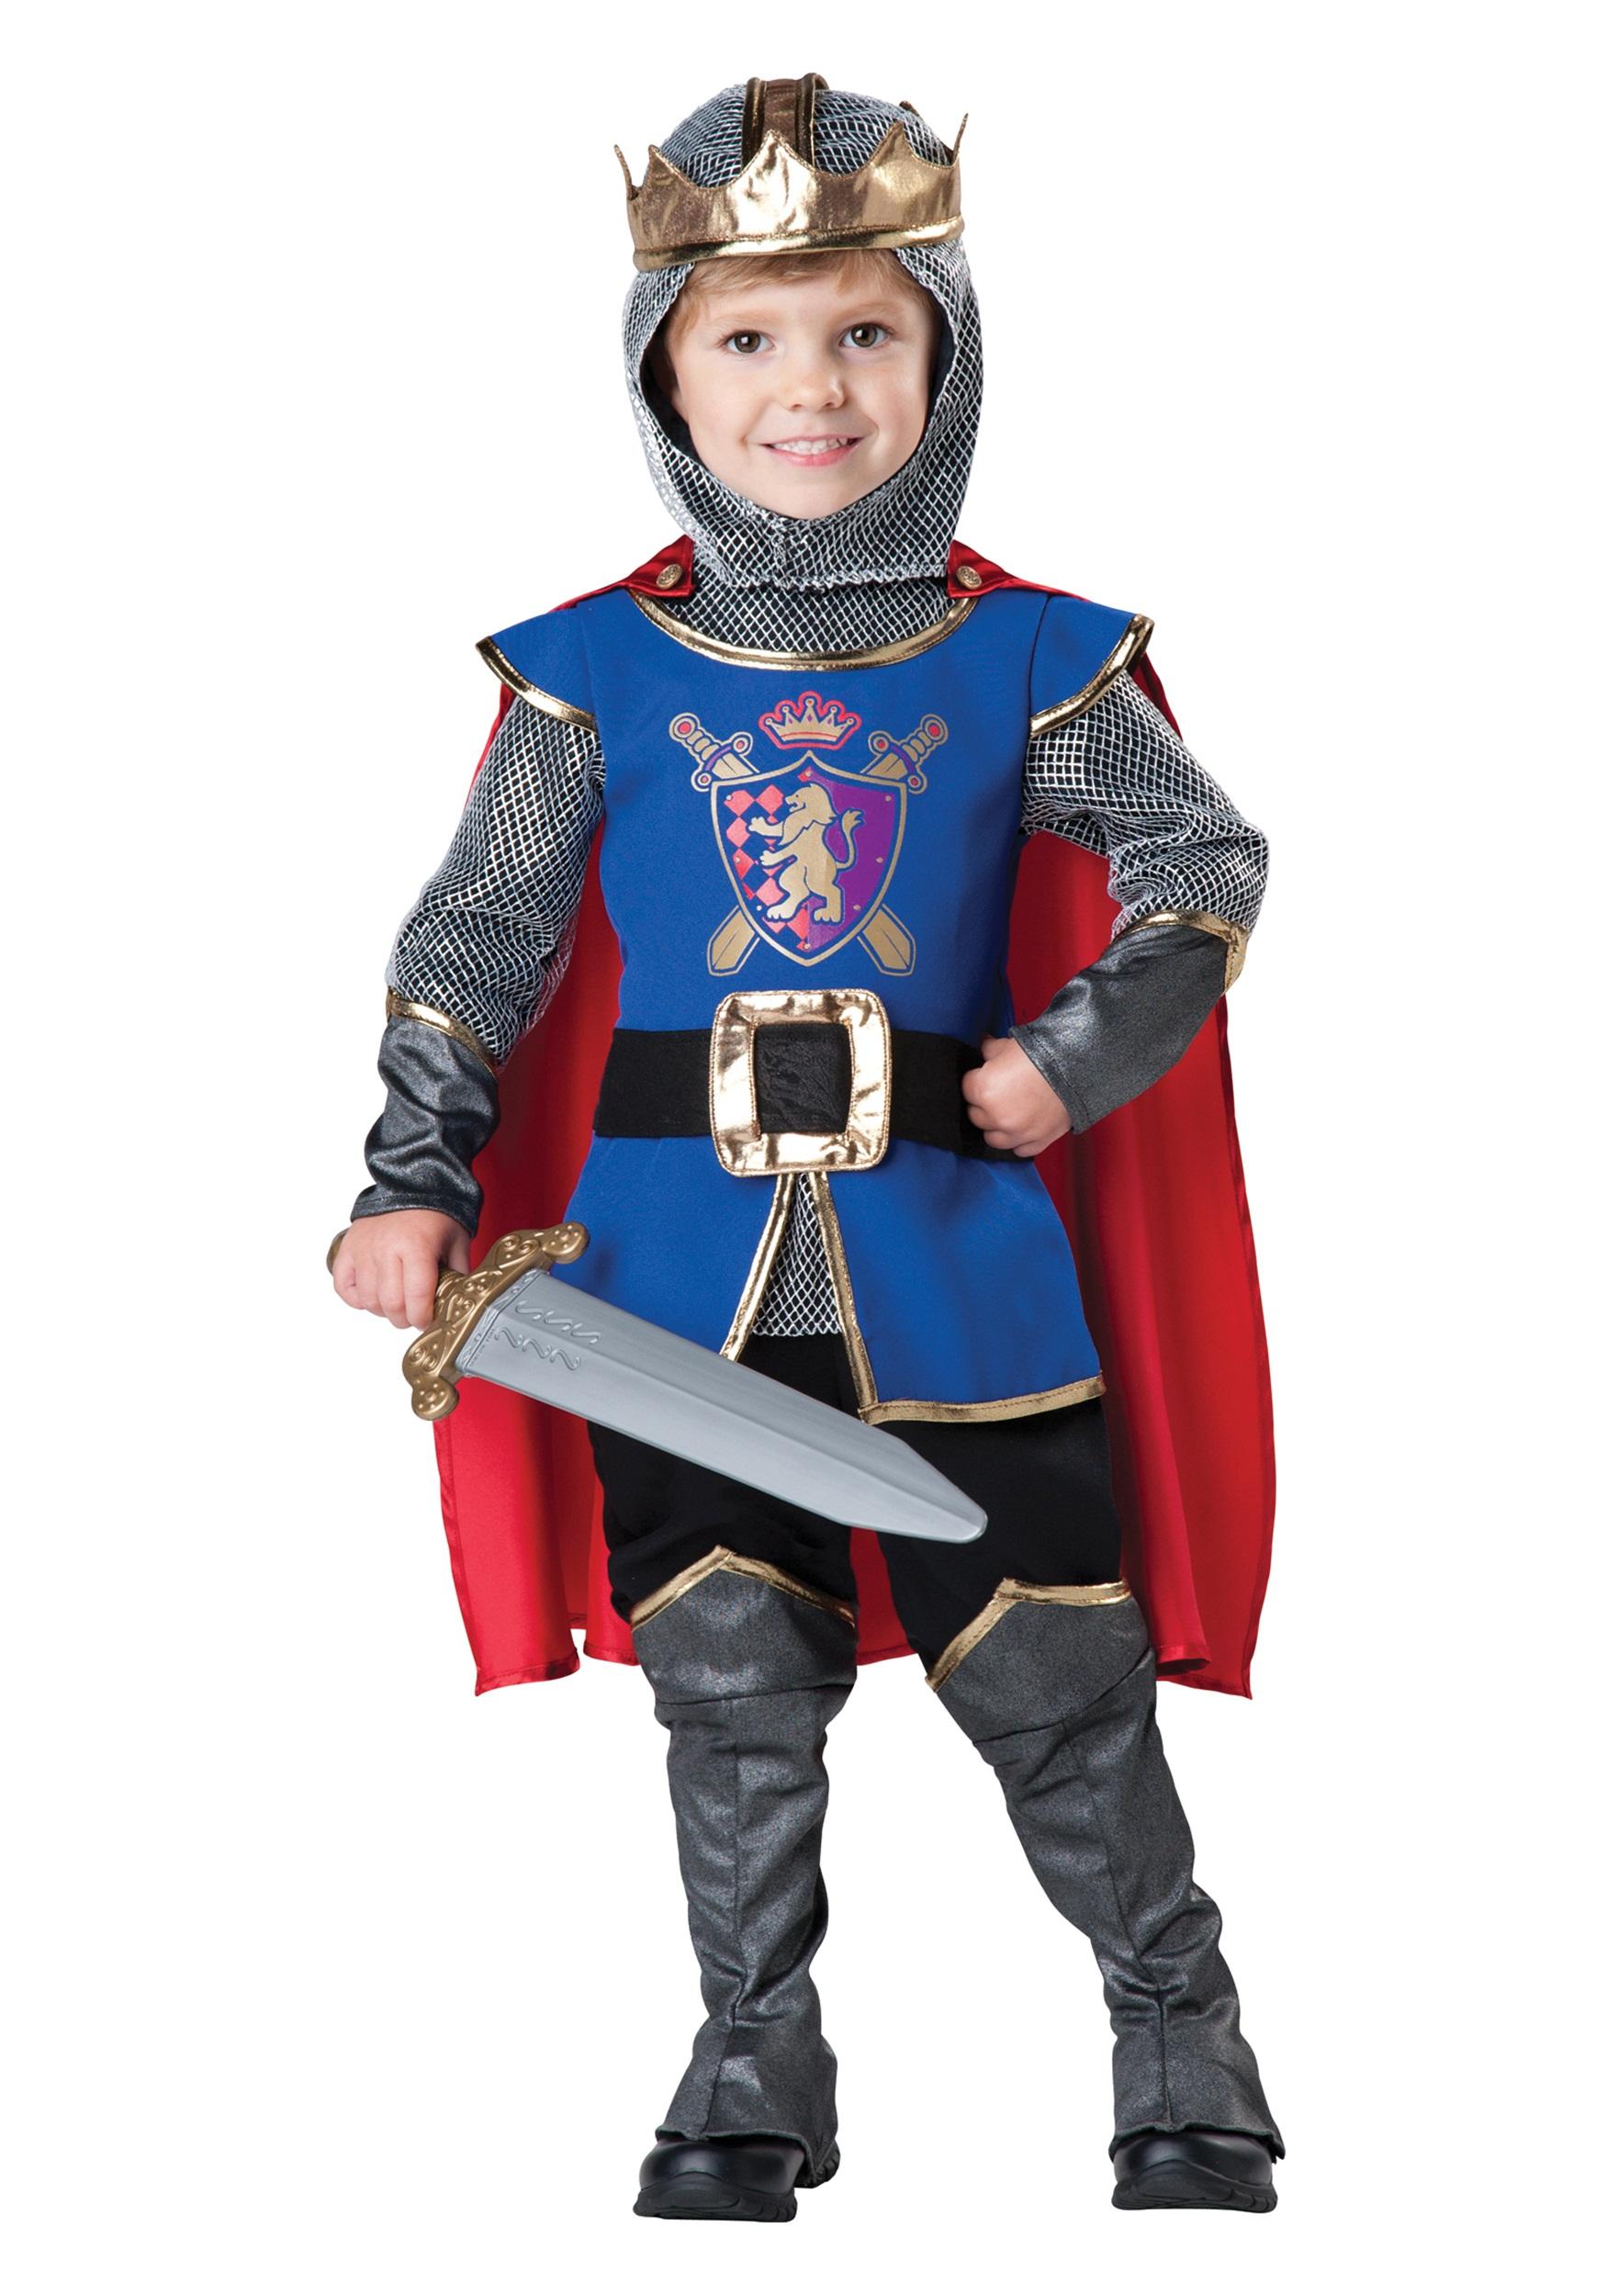 Костюм рыцаря для мальчика своими руками фото 92